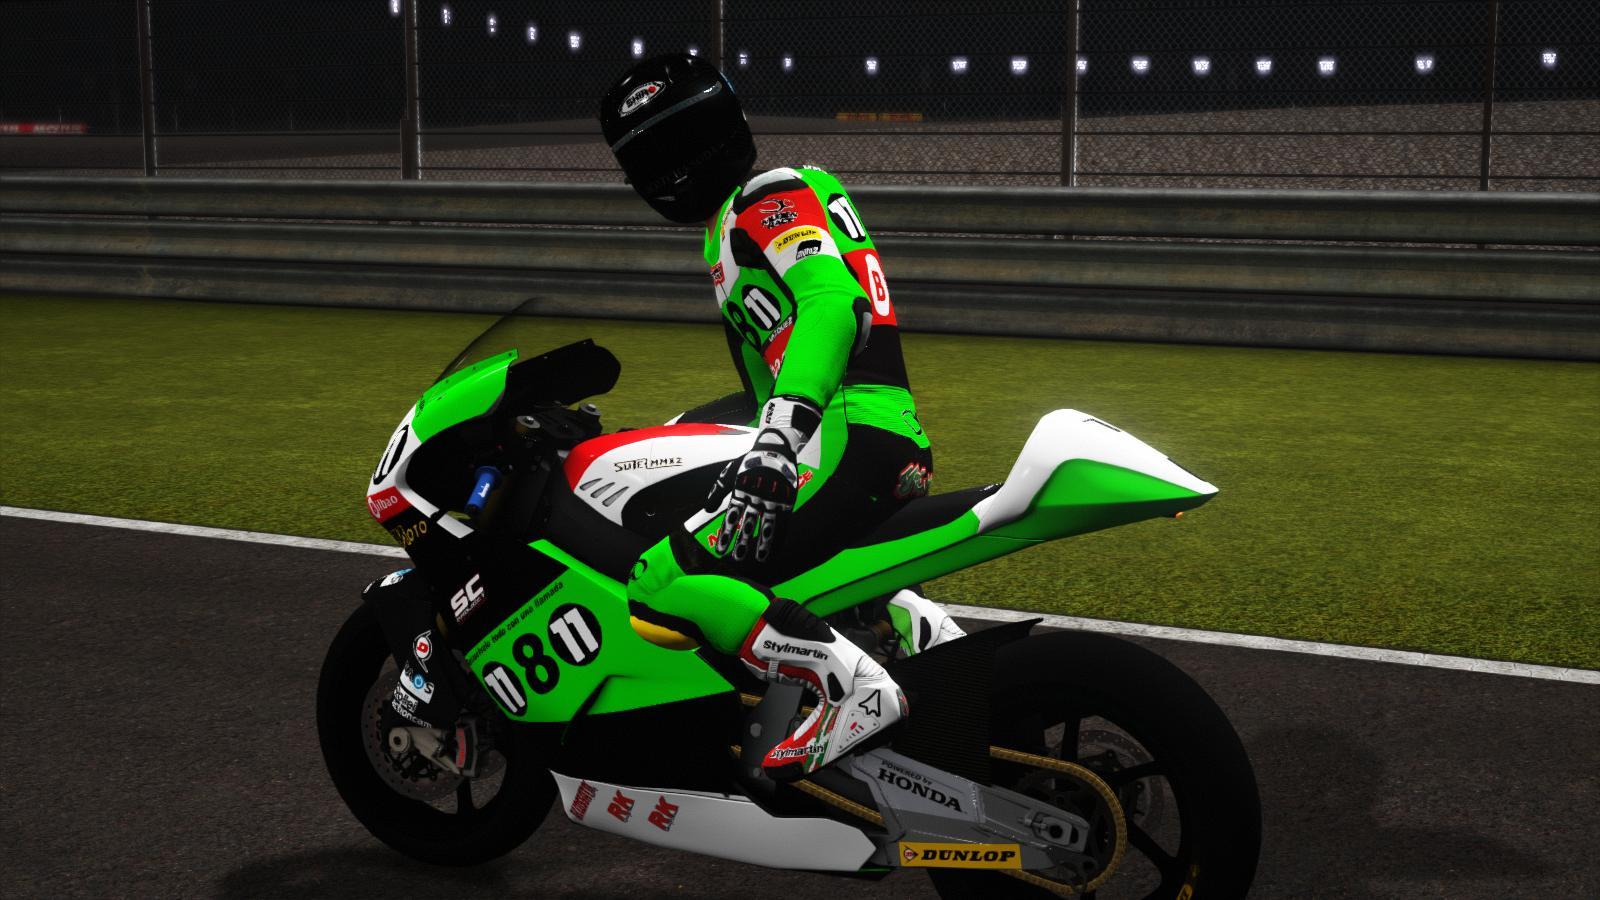 MotoGP15X64 2016-03-22 03-12-44-14.jpg